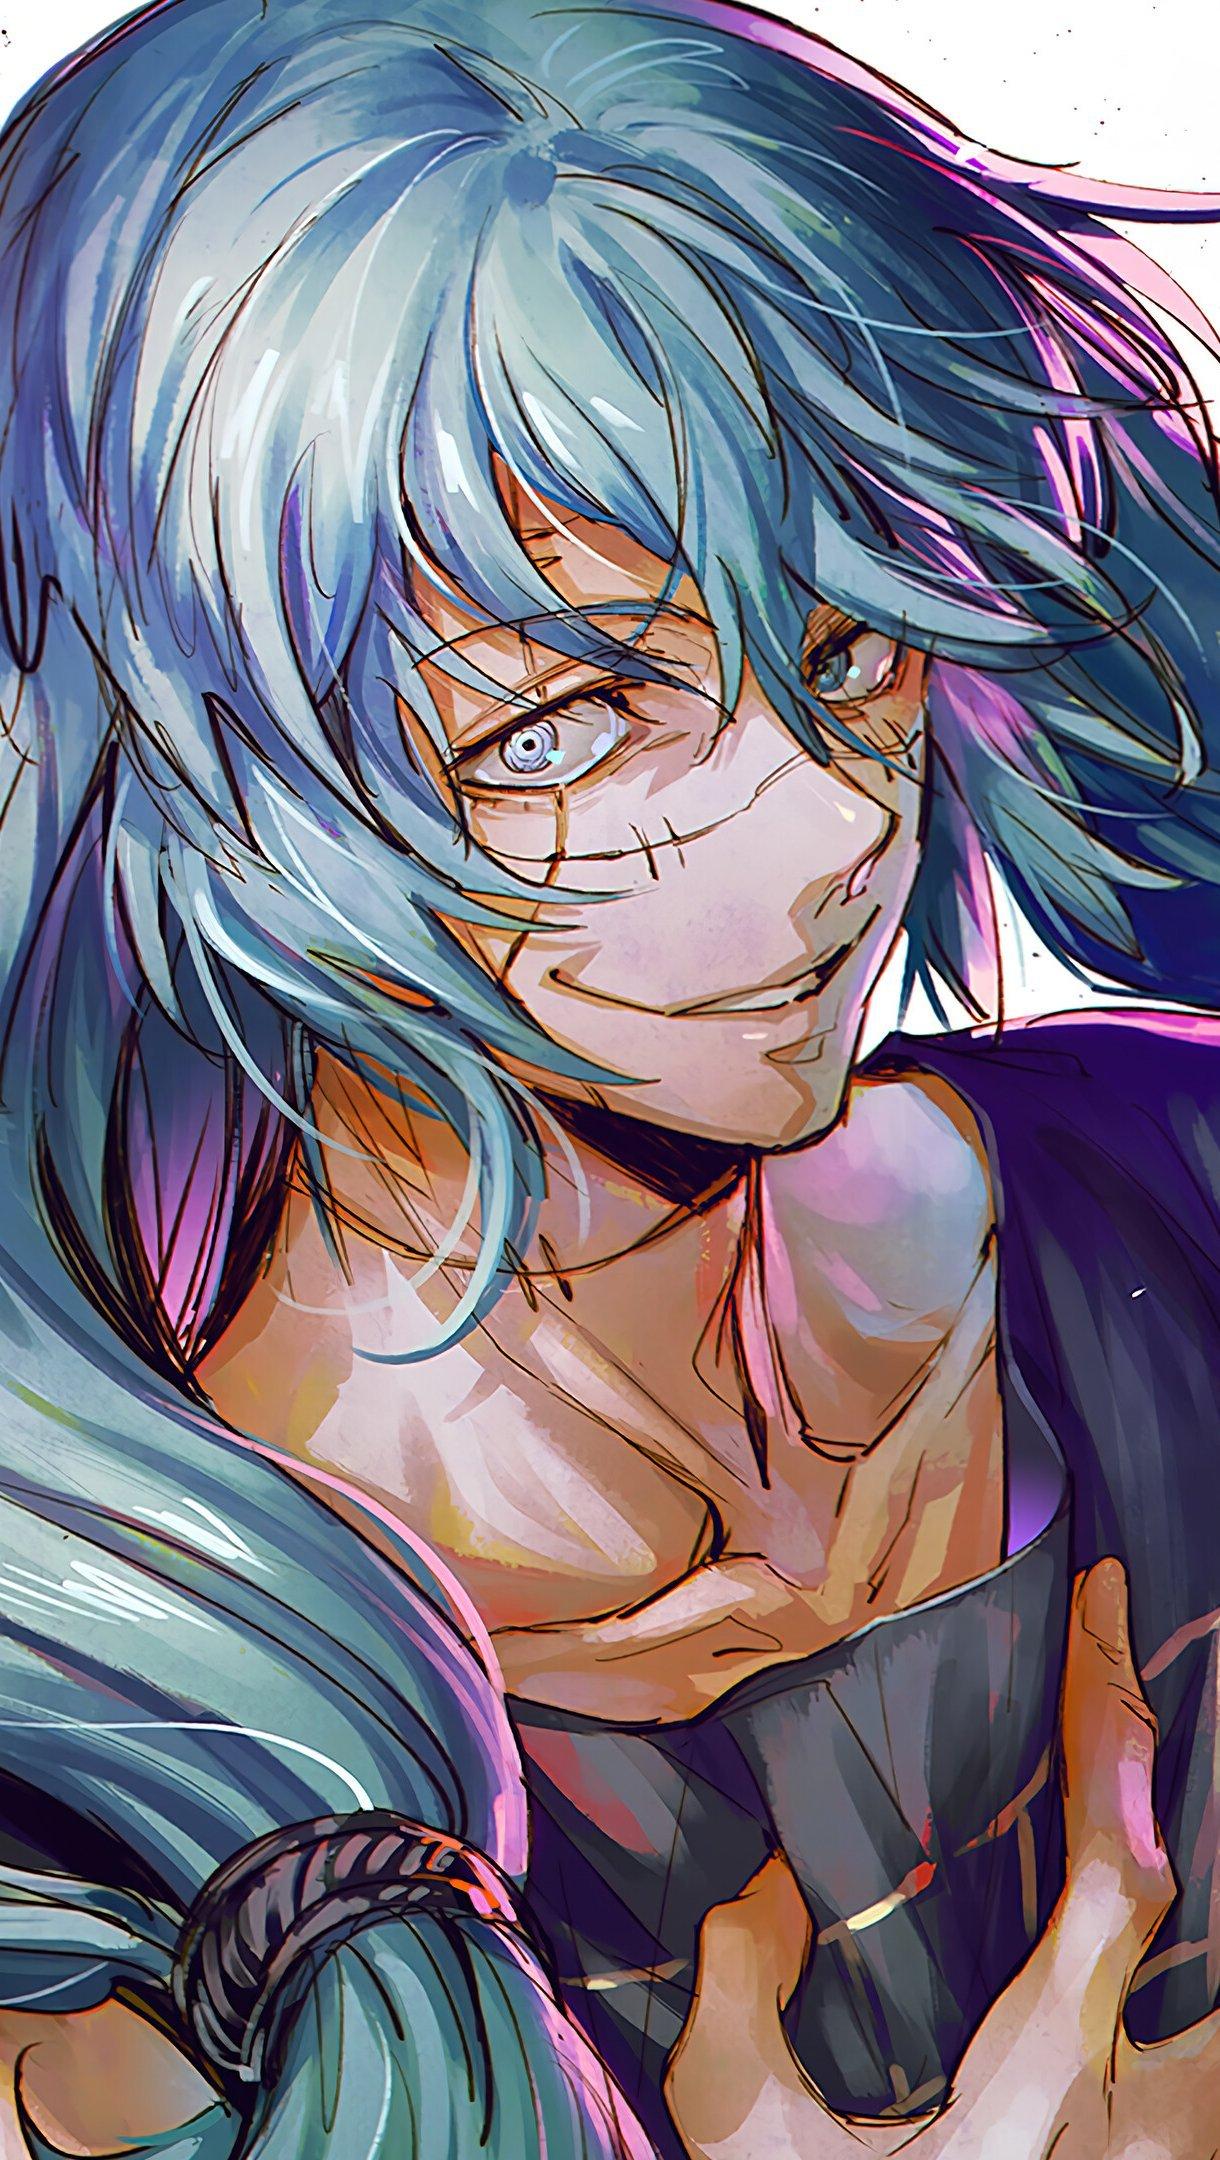 Fondos de pantalla Anime Mahito de Jujutsu Kaisen Vertical